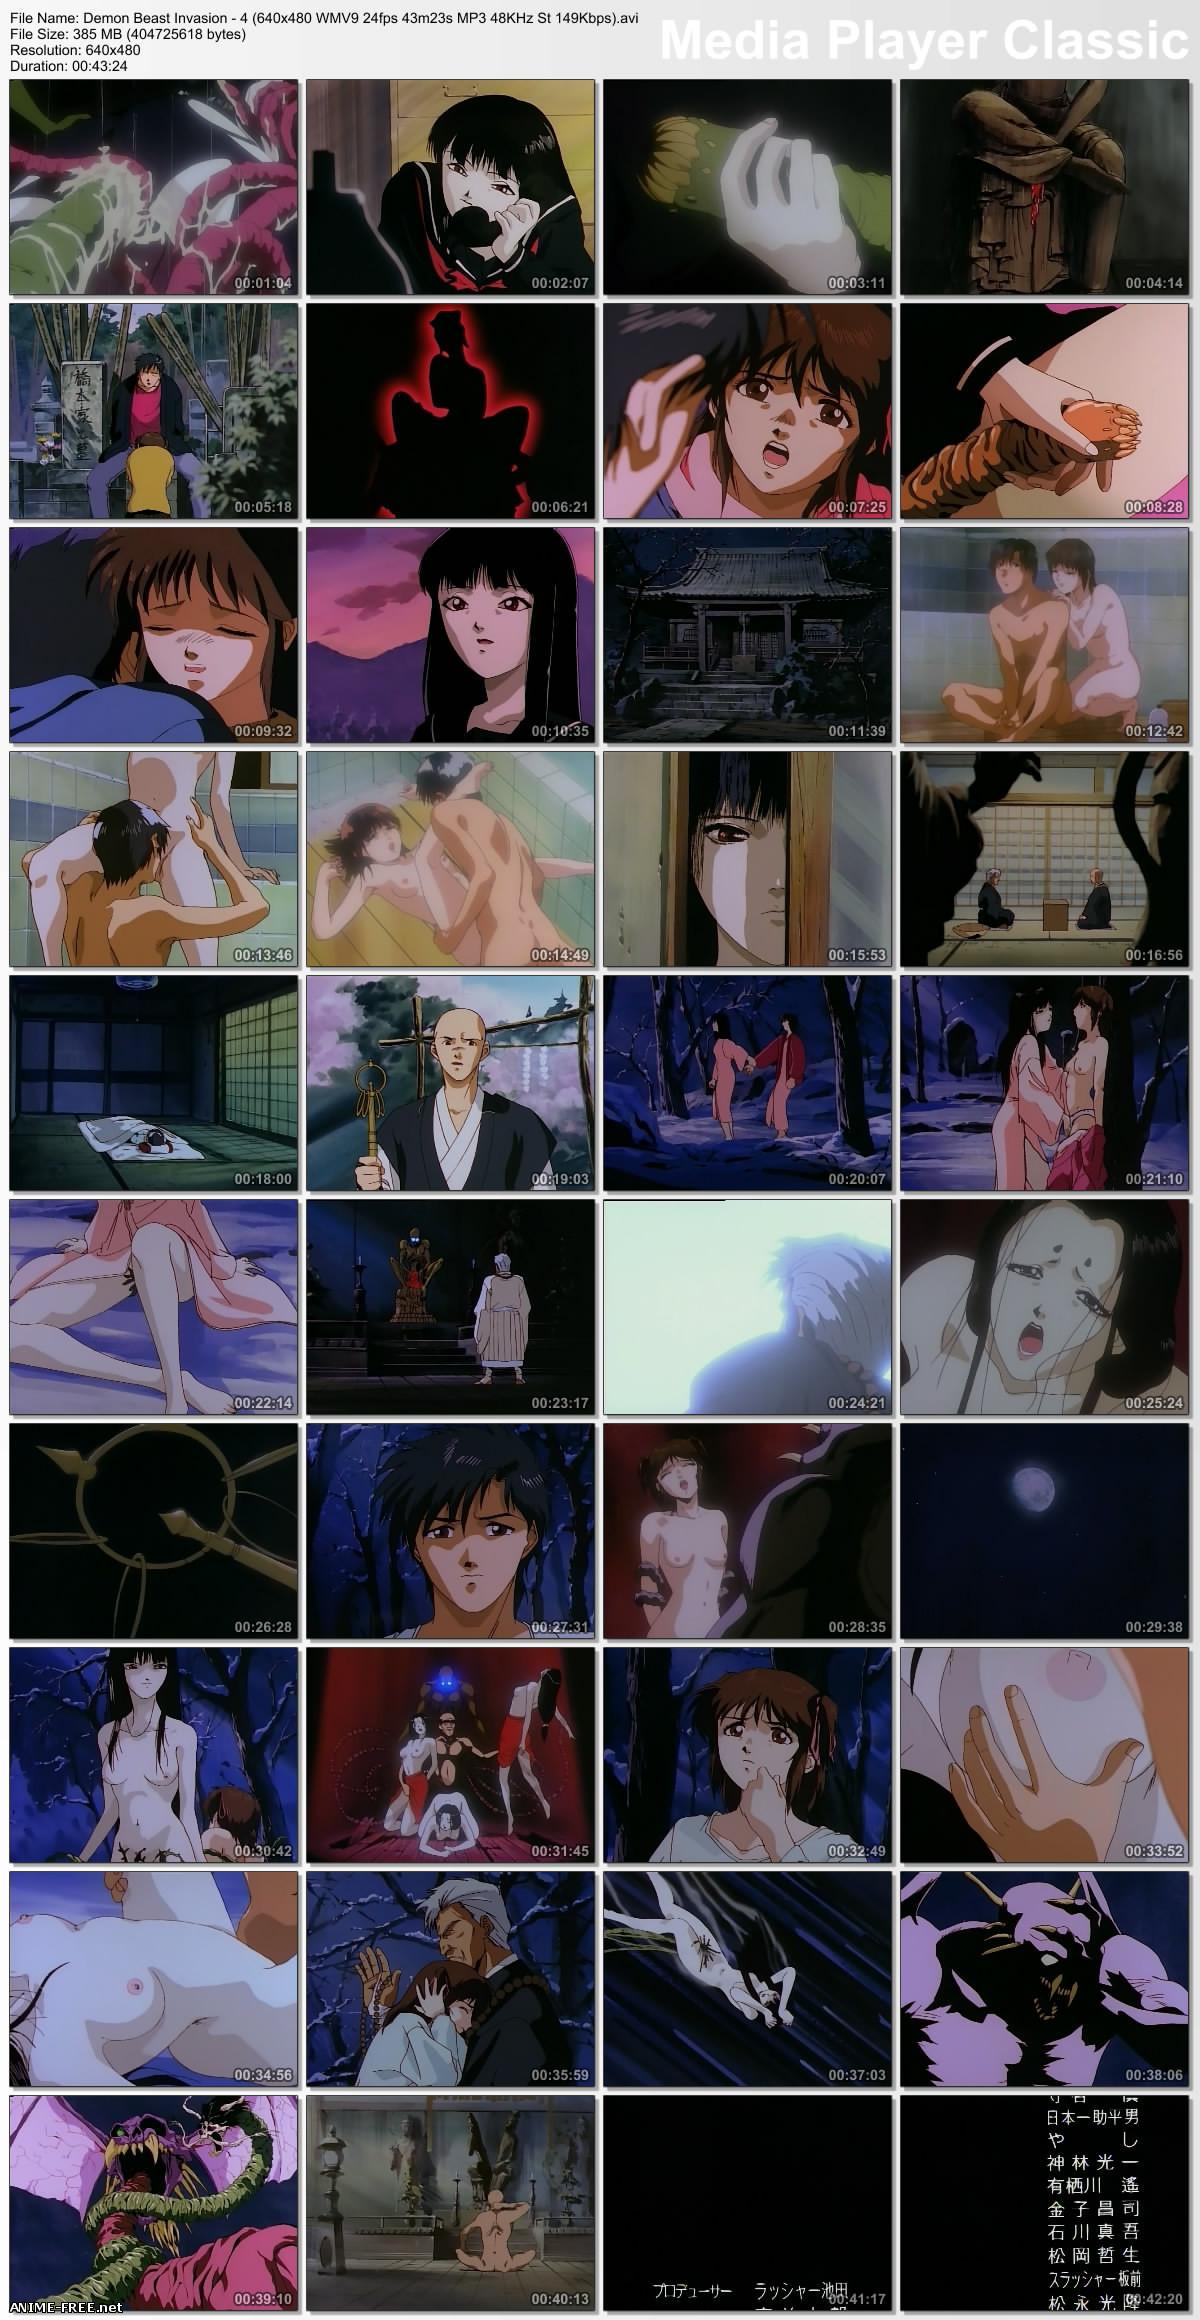 Demon Beast Invasion / Yoju Kyoshitsu Gakuen / Вторжение Демонозверя [Ep.1-6] [JAP,RUS,ENG] Anime Hentai